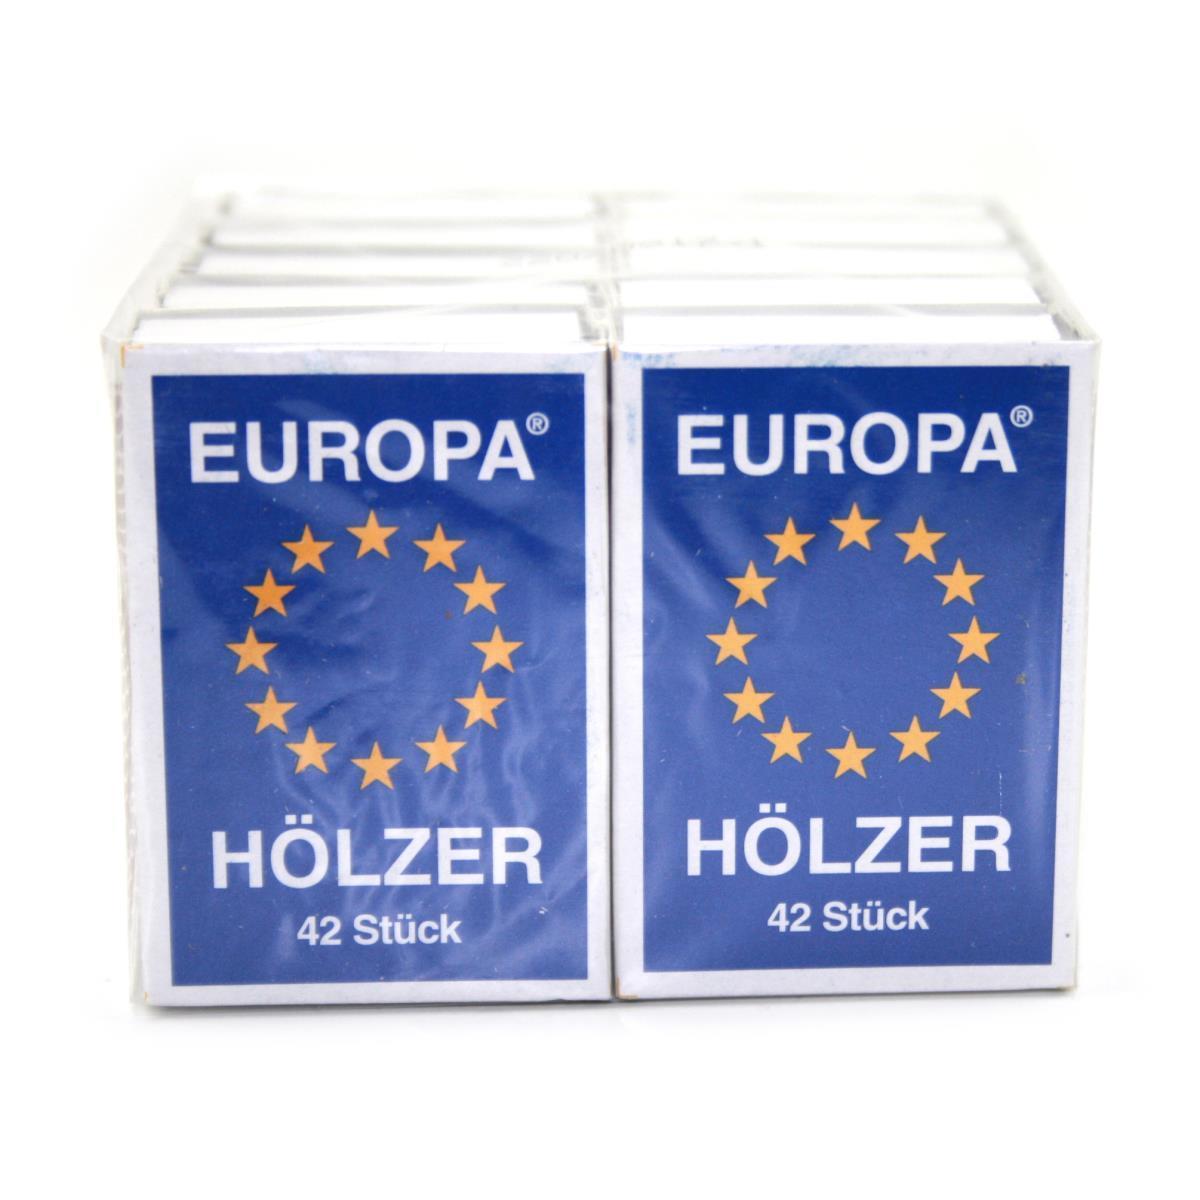 140 Schachteln Europa Streichhölzer, Zündhölzer, Zündholzschachtel,KM Zündholz International ,4004753000504, 0676424771132